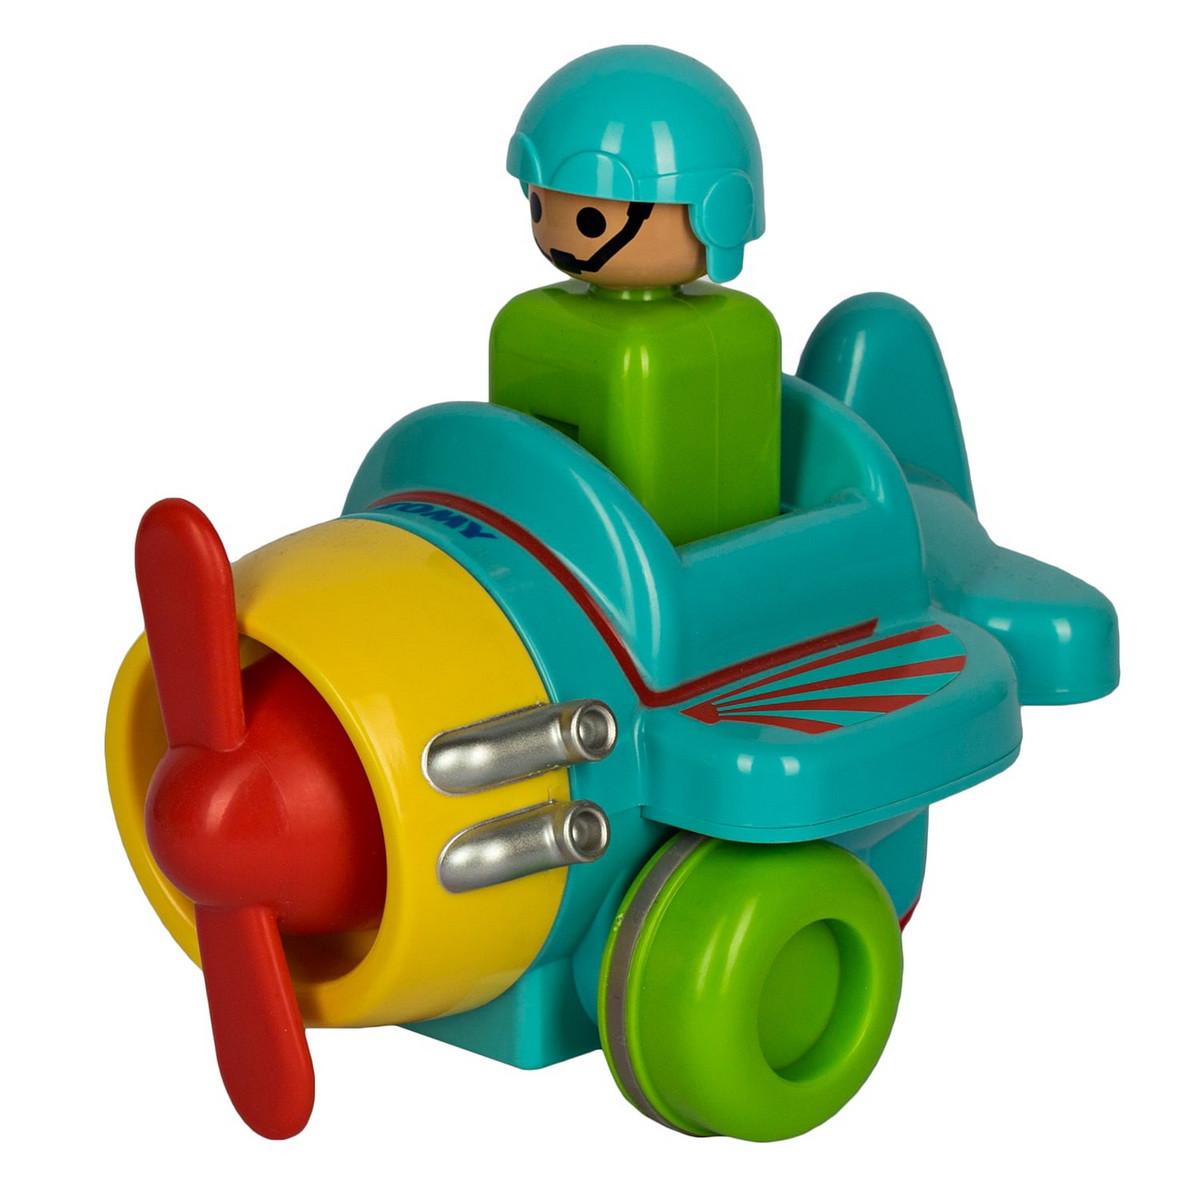 Tomy Інерційна іграшка Літачок, 1012-1